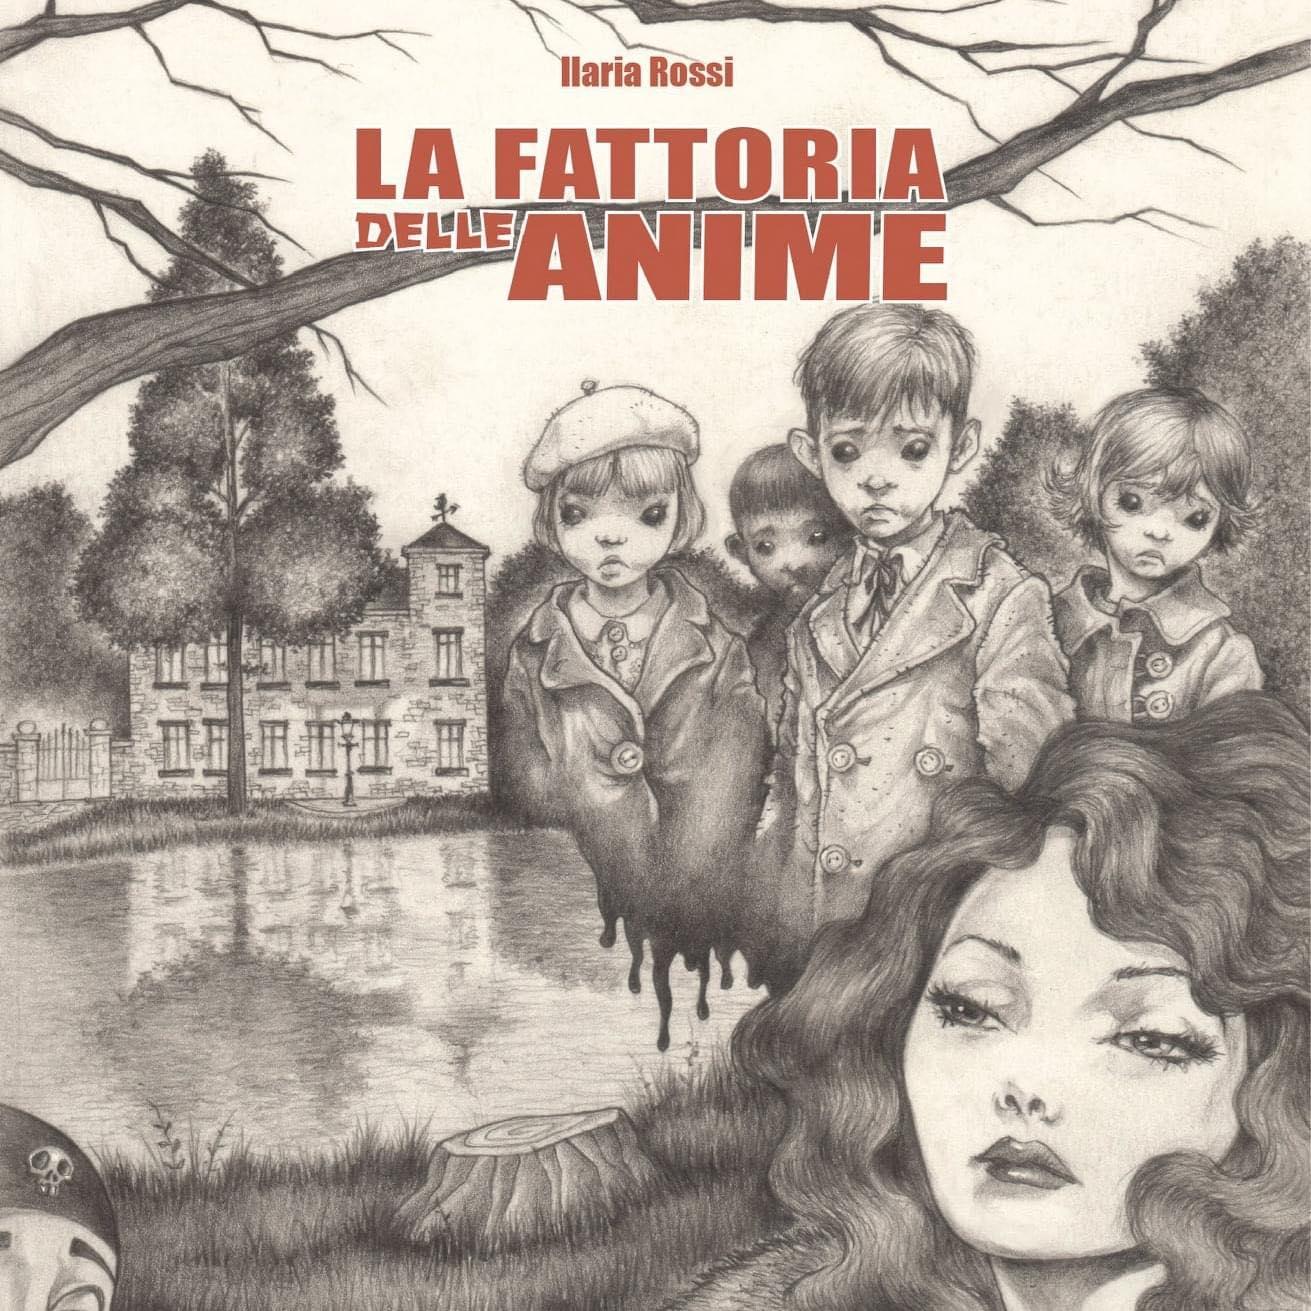 romanzo La_fattoria_delle_anime_di_Ilaria_Rossi_disegno_Andrea_Domestici